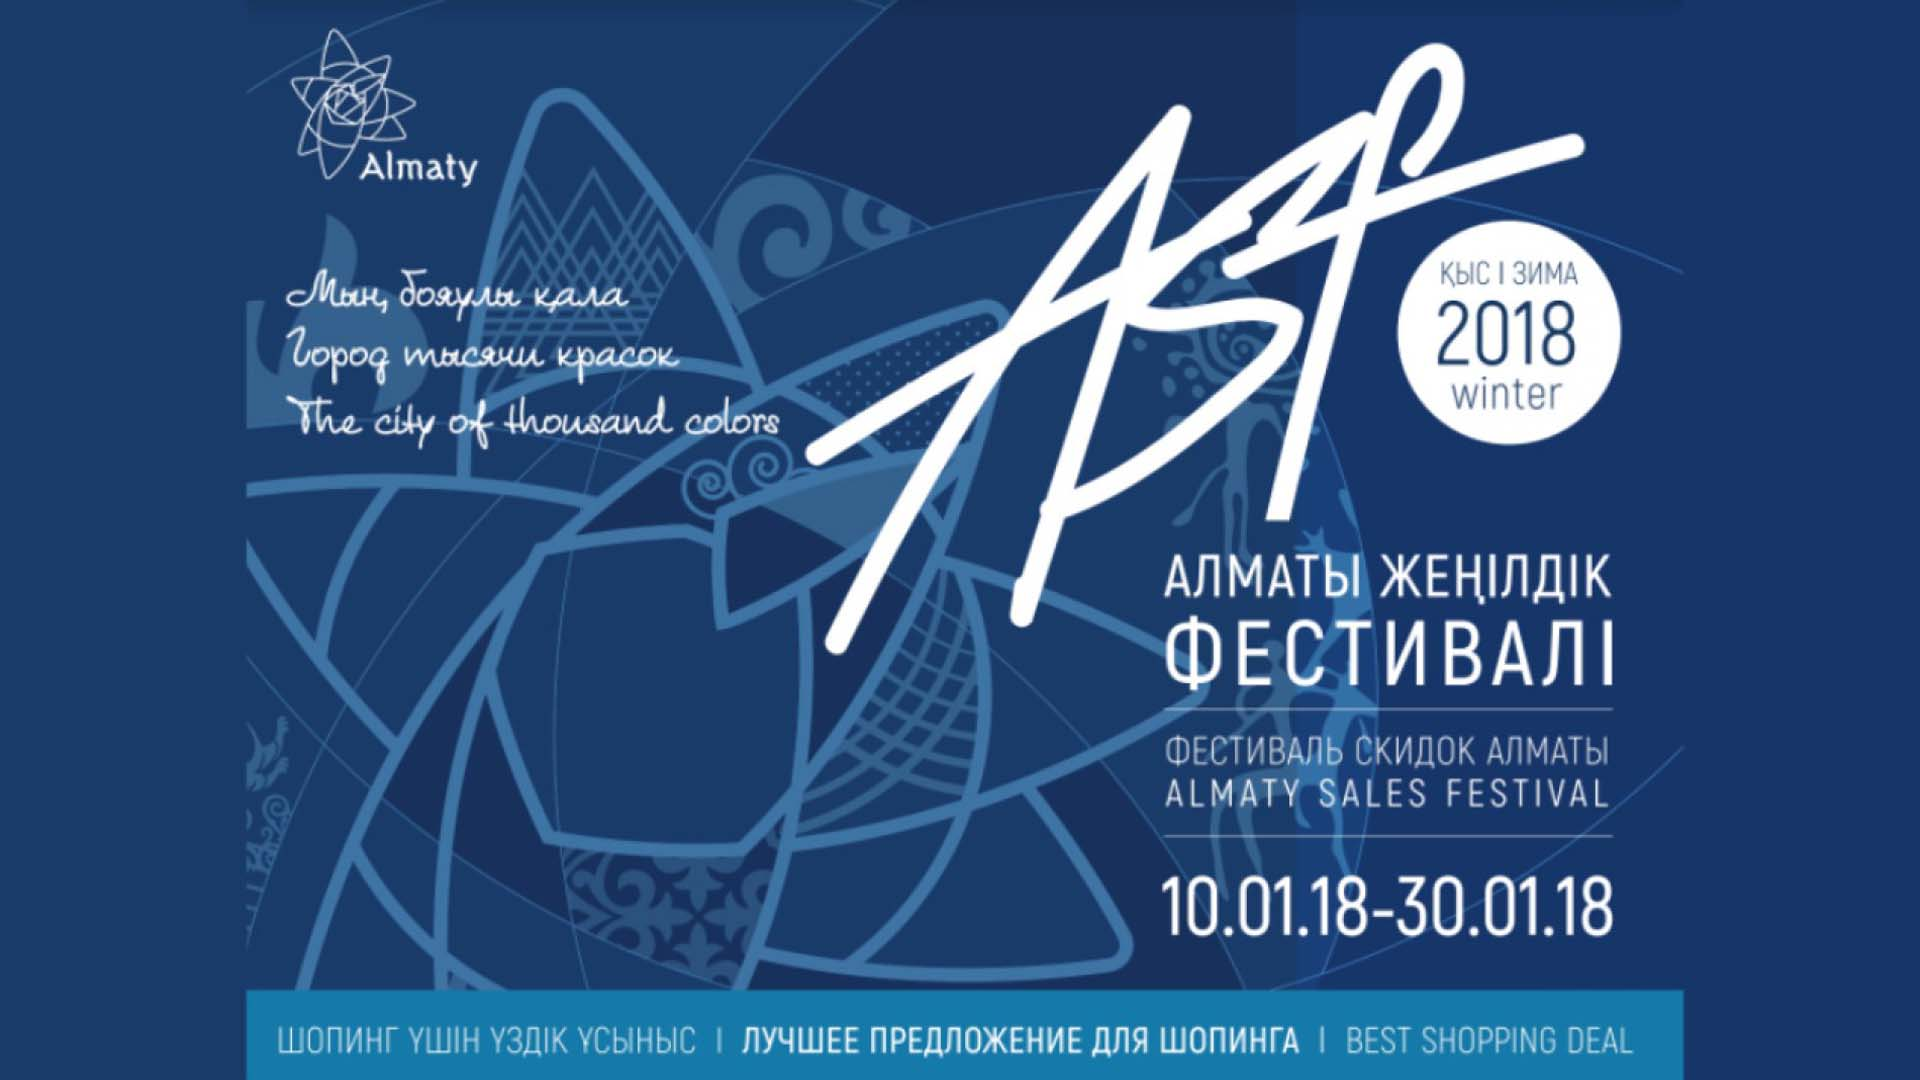 Almaty Sales Festival: Winter 2018